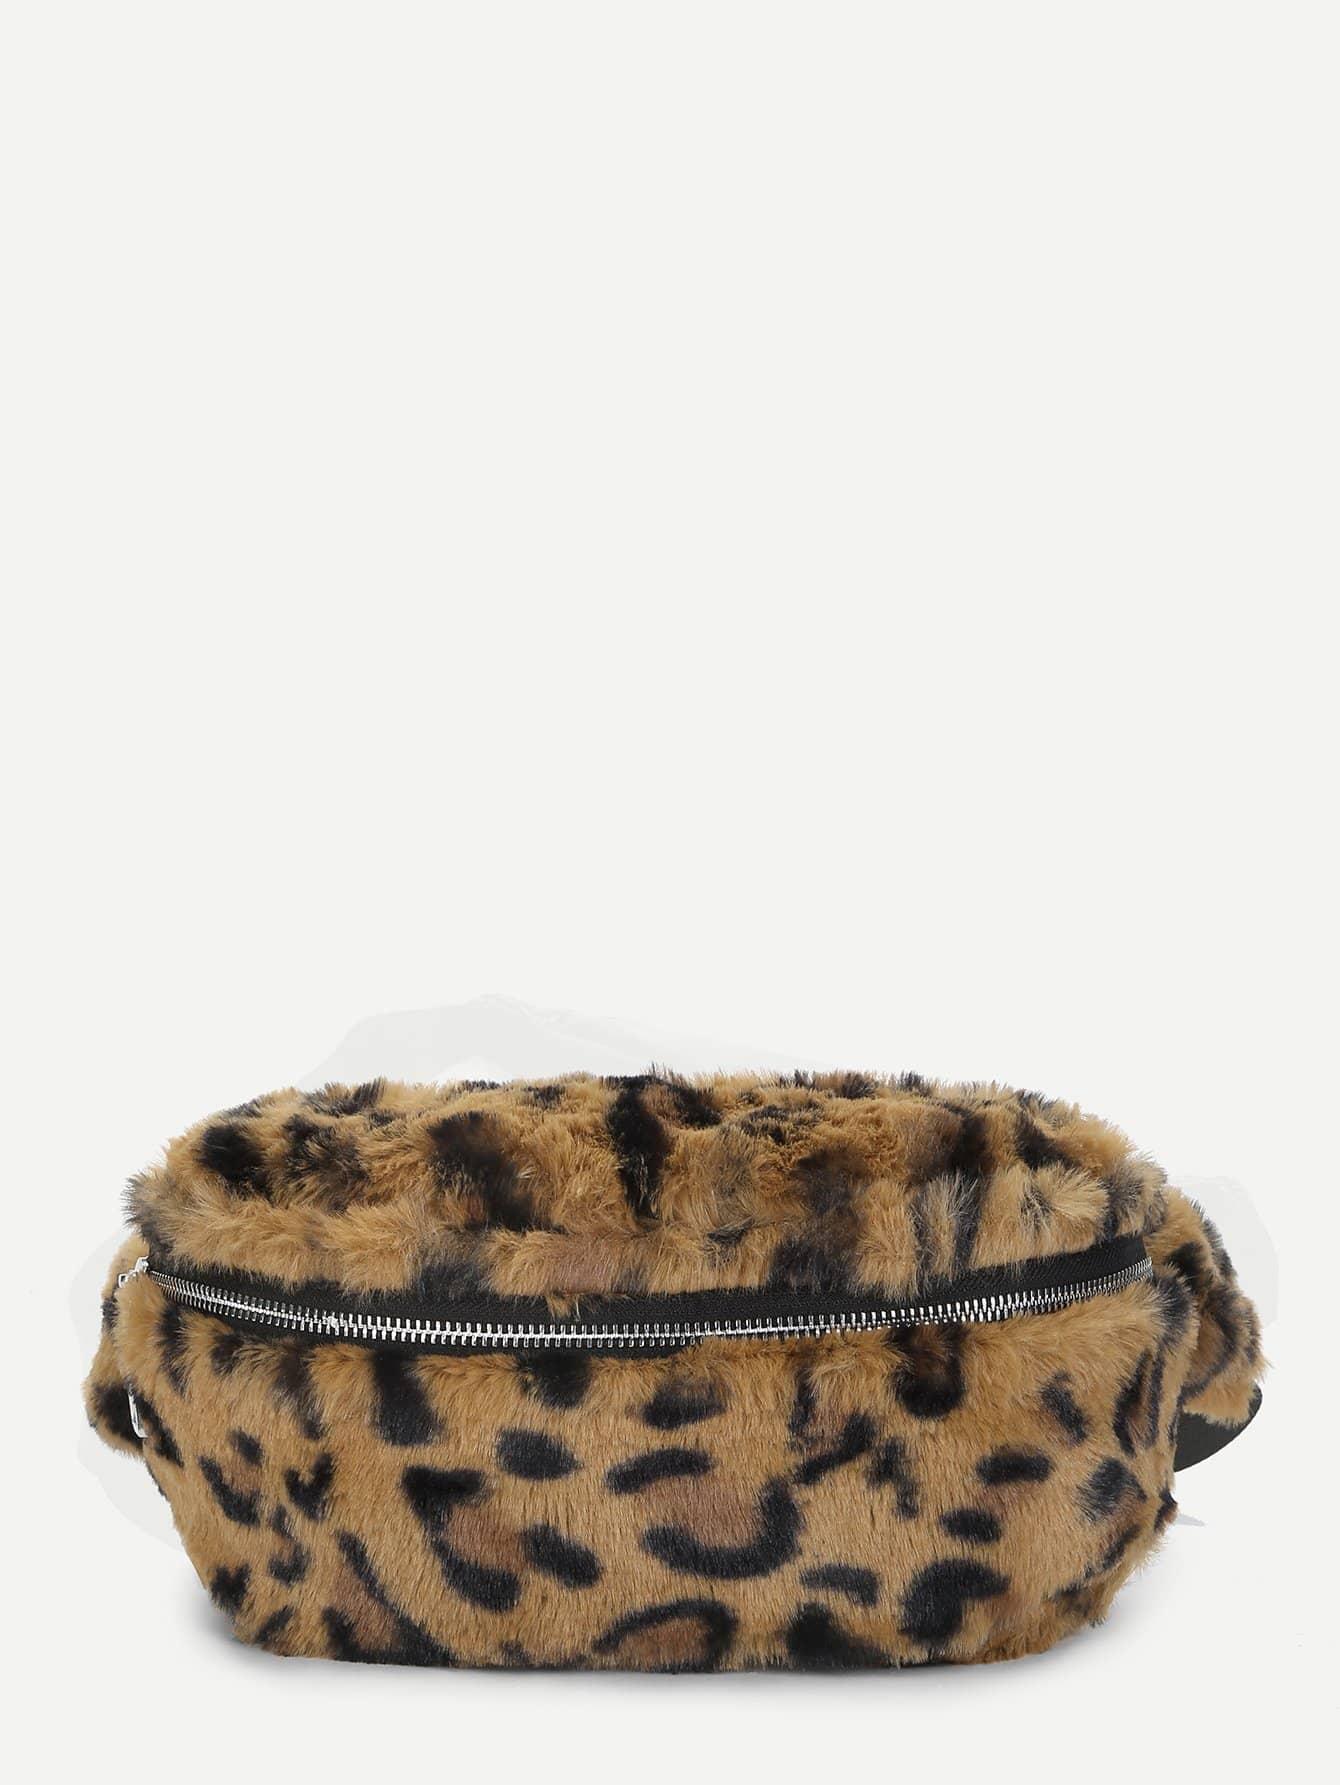 Купить Искусственный Мех Леопарда Шаблон Бомж Сумка, null, SheIn